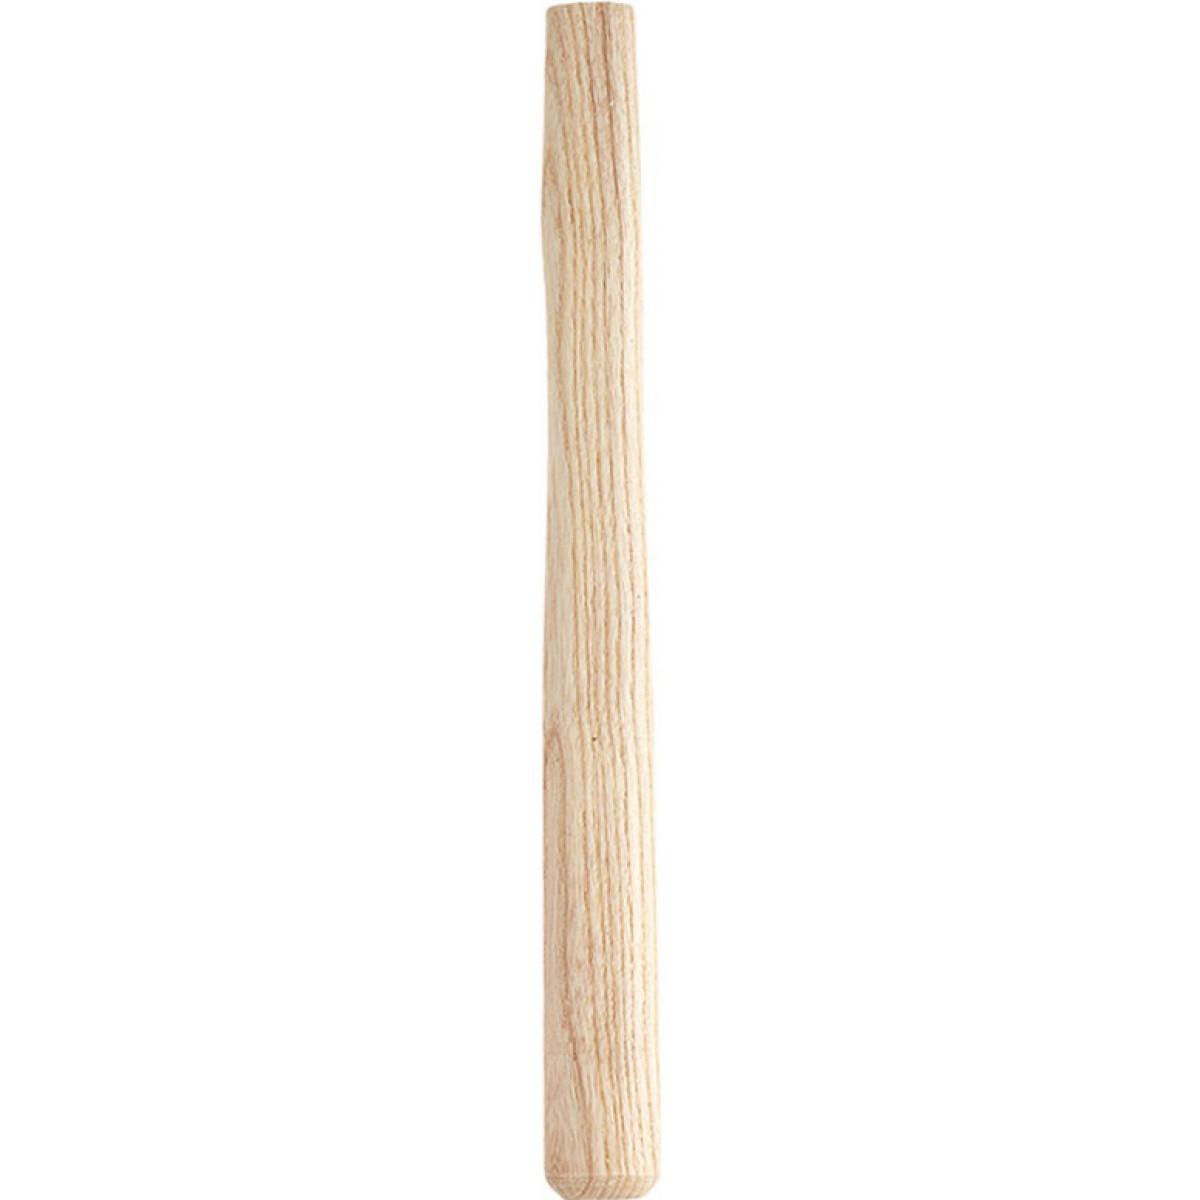 Manche marteaux rivoir Cap Vert - Ovale 31 /23 mm